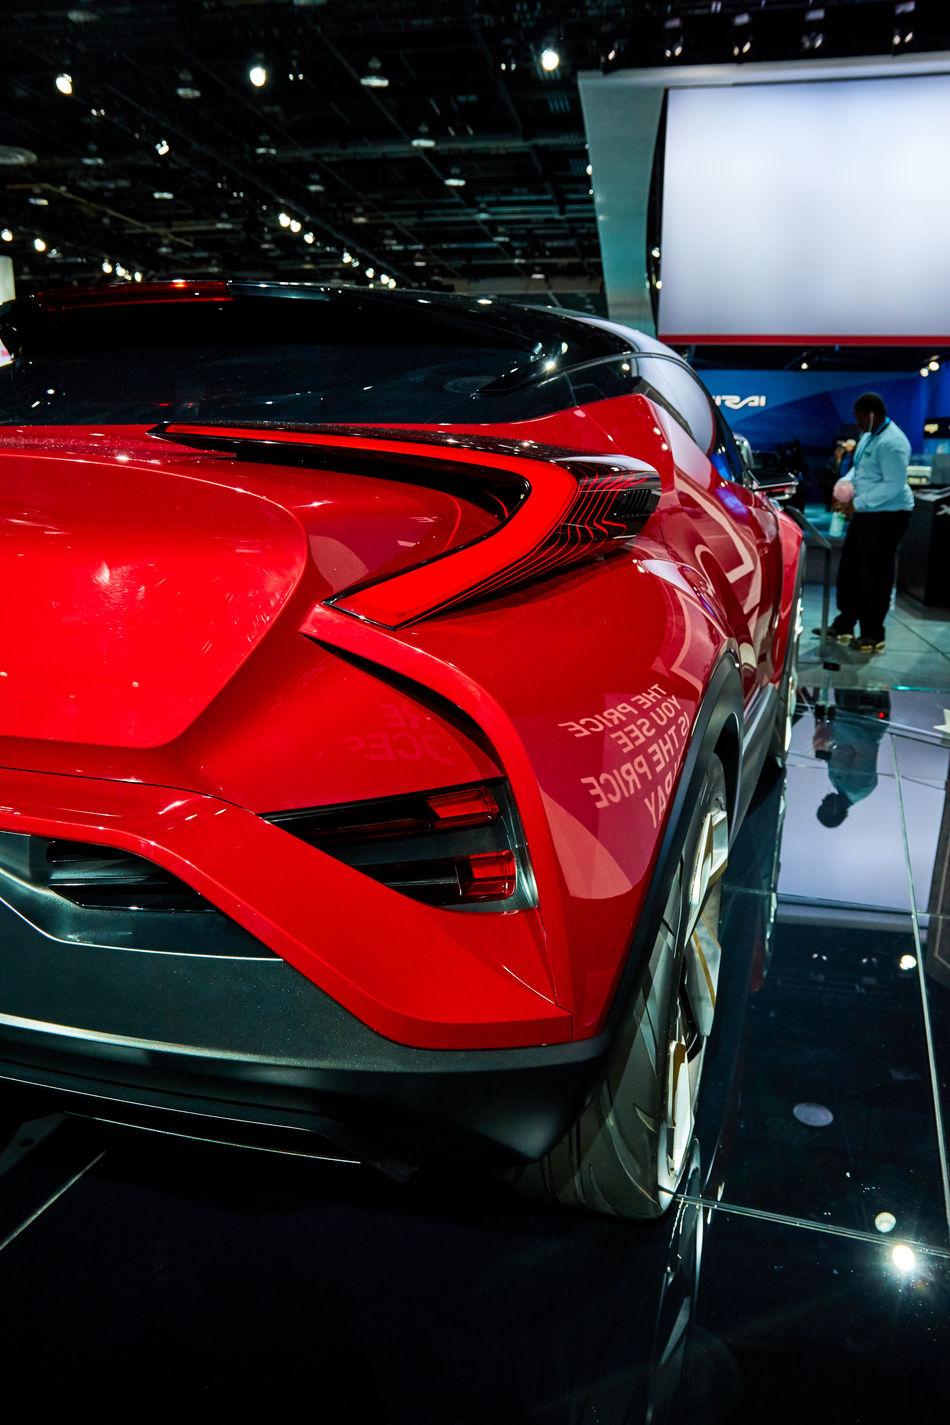 2016 Detroit Auto Show C-HR Car Concept Red Scion